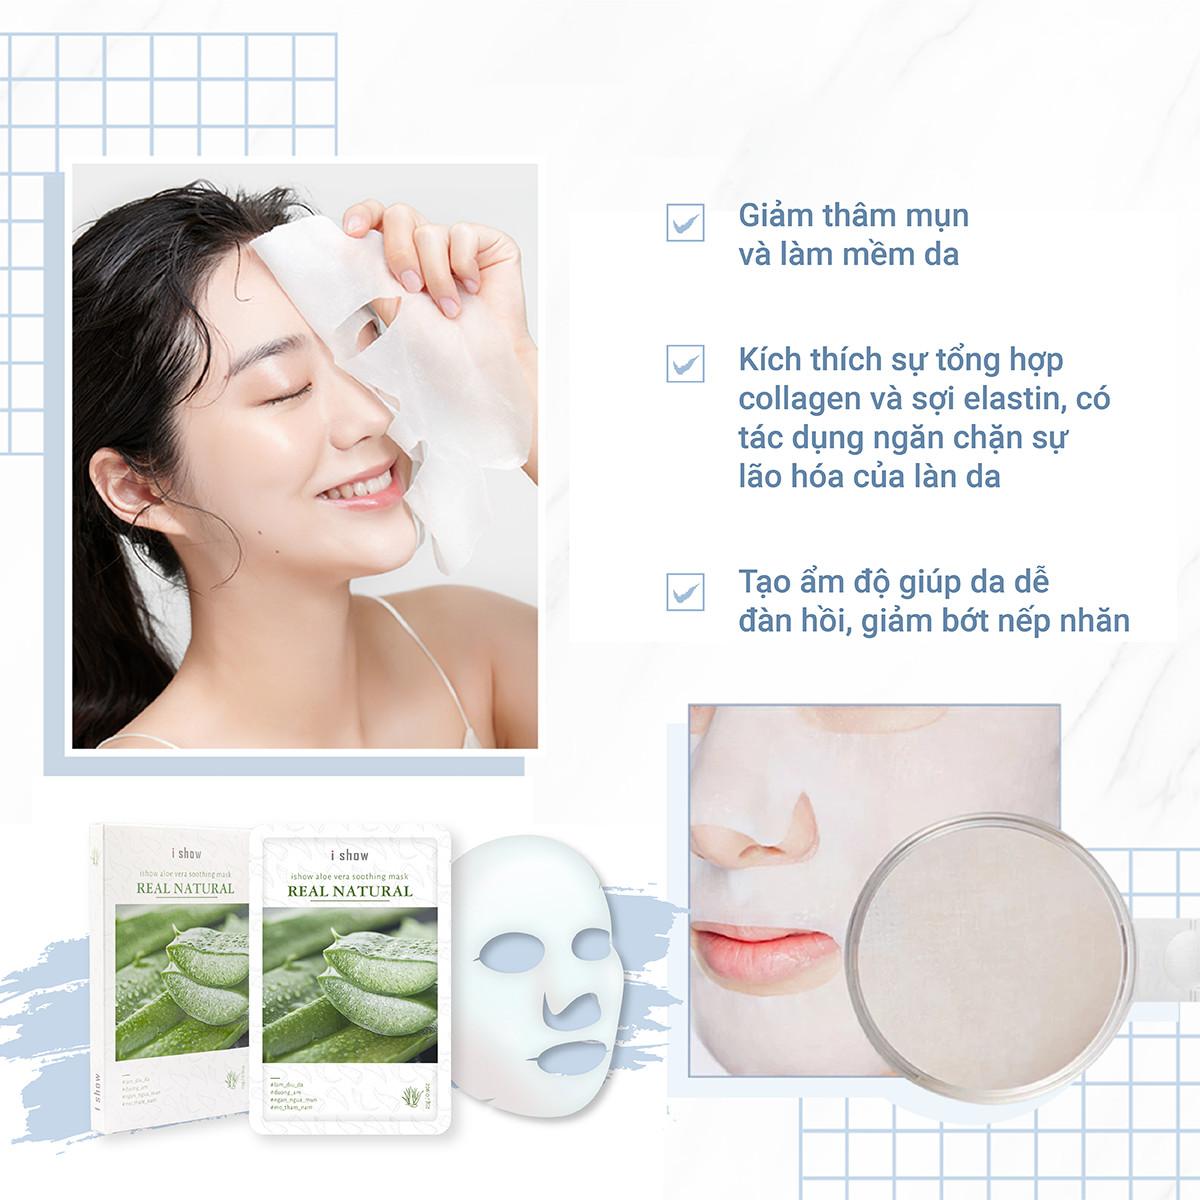 COMBO 2 Hộp Mặt Nạ Dưỡng Ẩm, Ngừa Mụn Da Chiết Xuất Nha Đam ishow Aloe Vera Soothing Mask